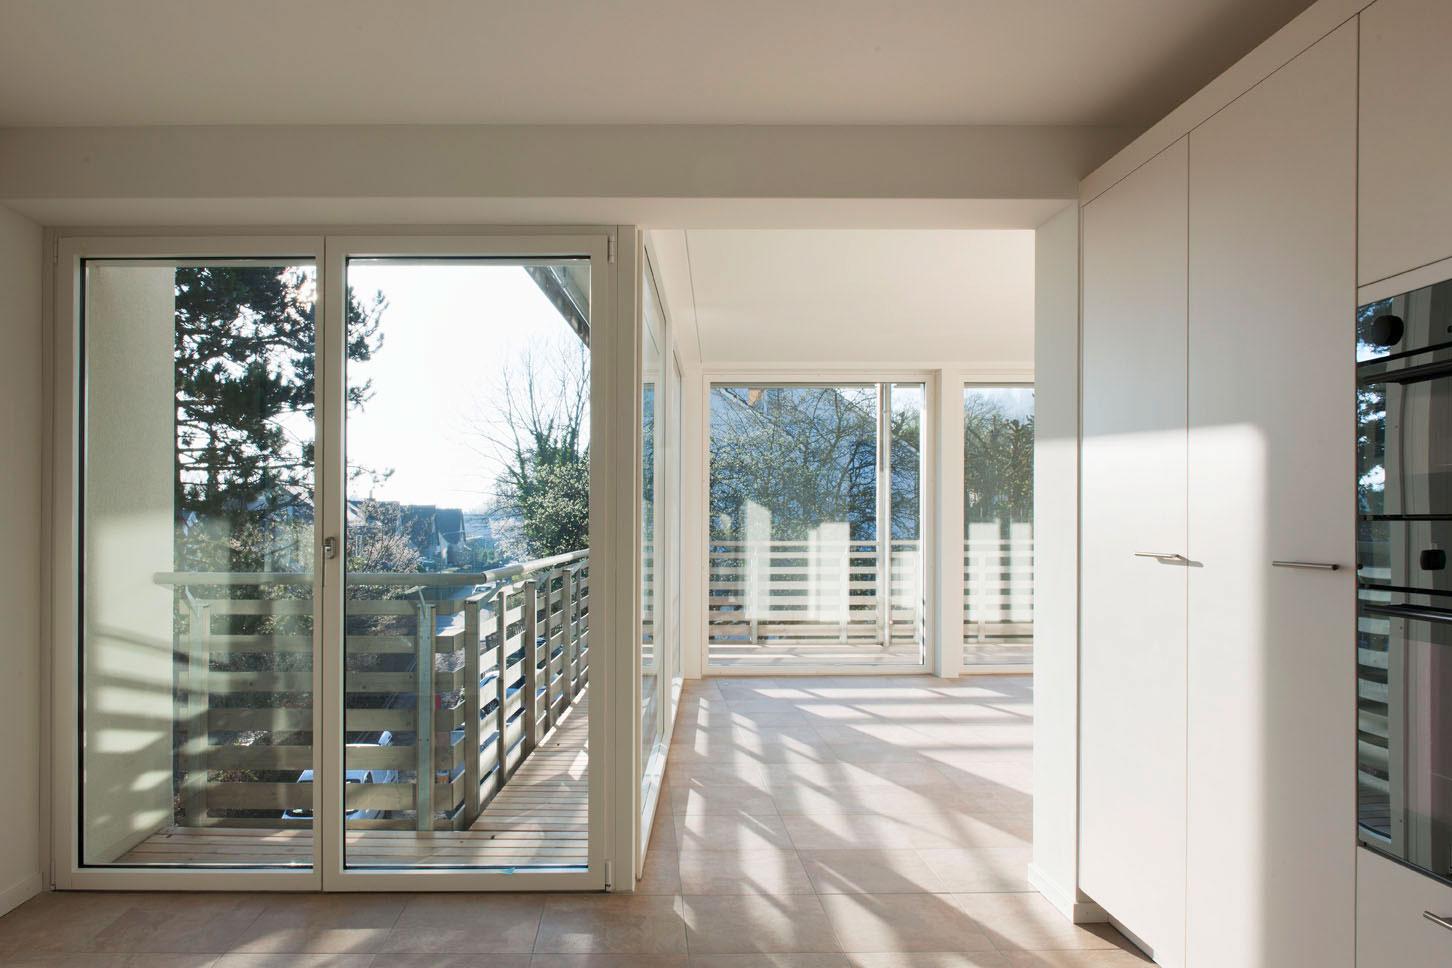 bodentiefe fenster f r mehr licht und atmosph re. Black Bedroom Furniture Sets. Home Design Ideas